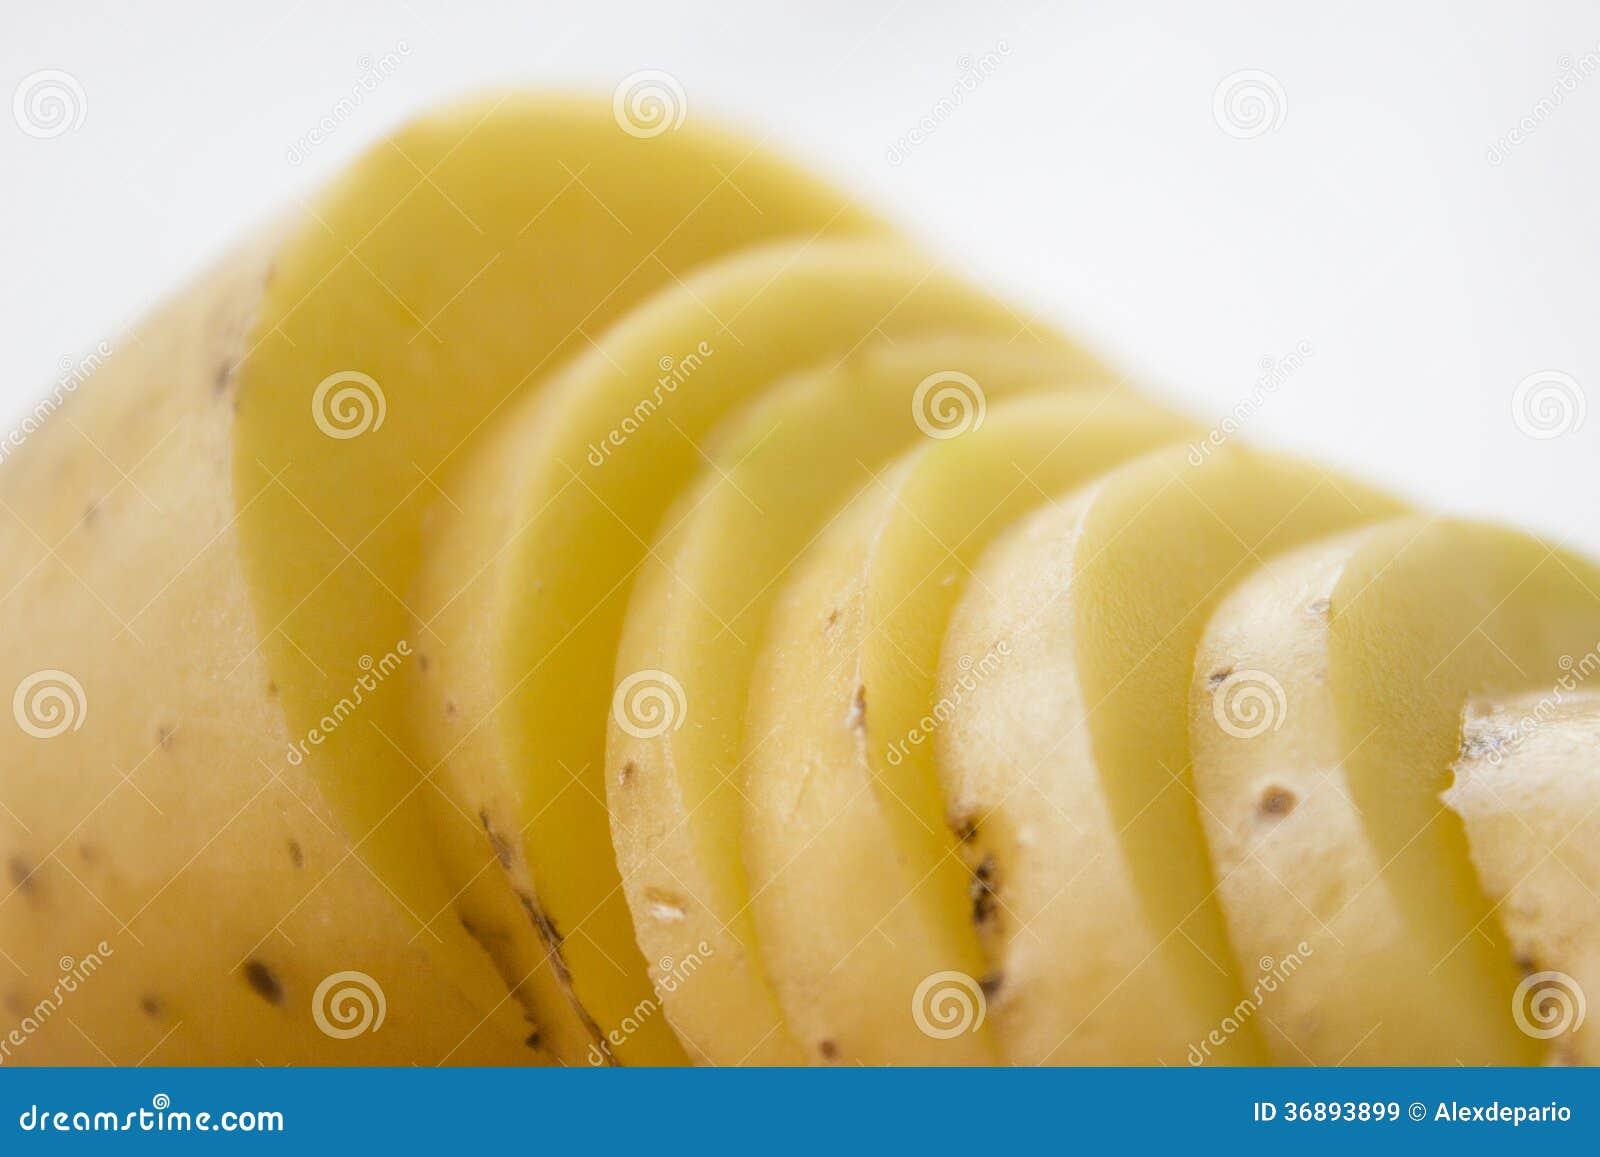 Download Patata affettata immagine stock. Immagine di frutta, alimento - 36893899